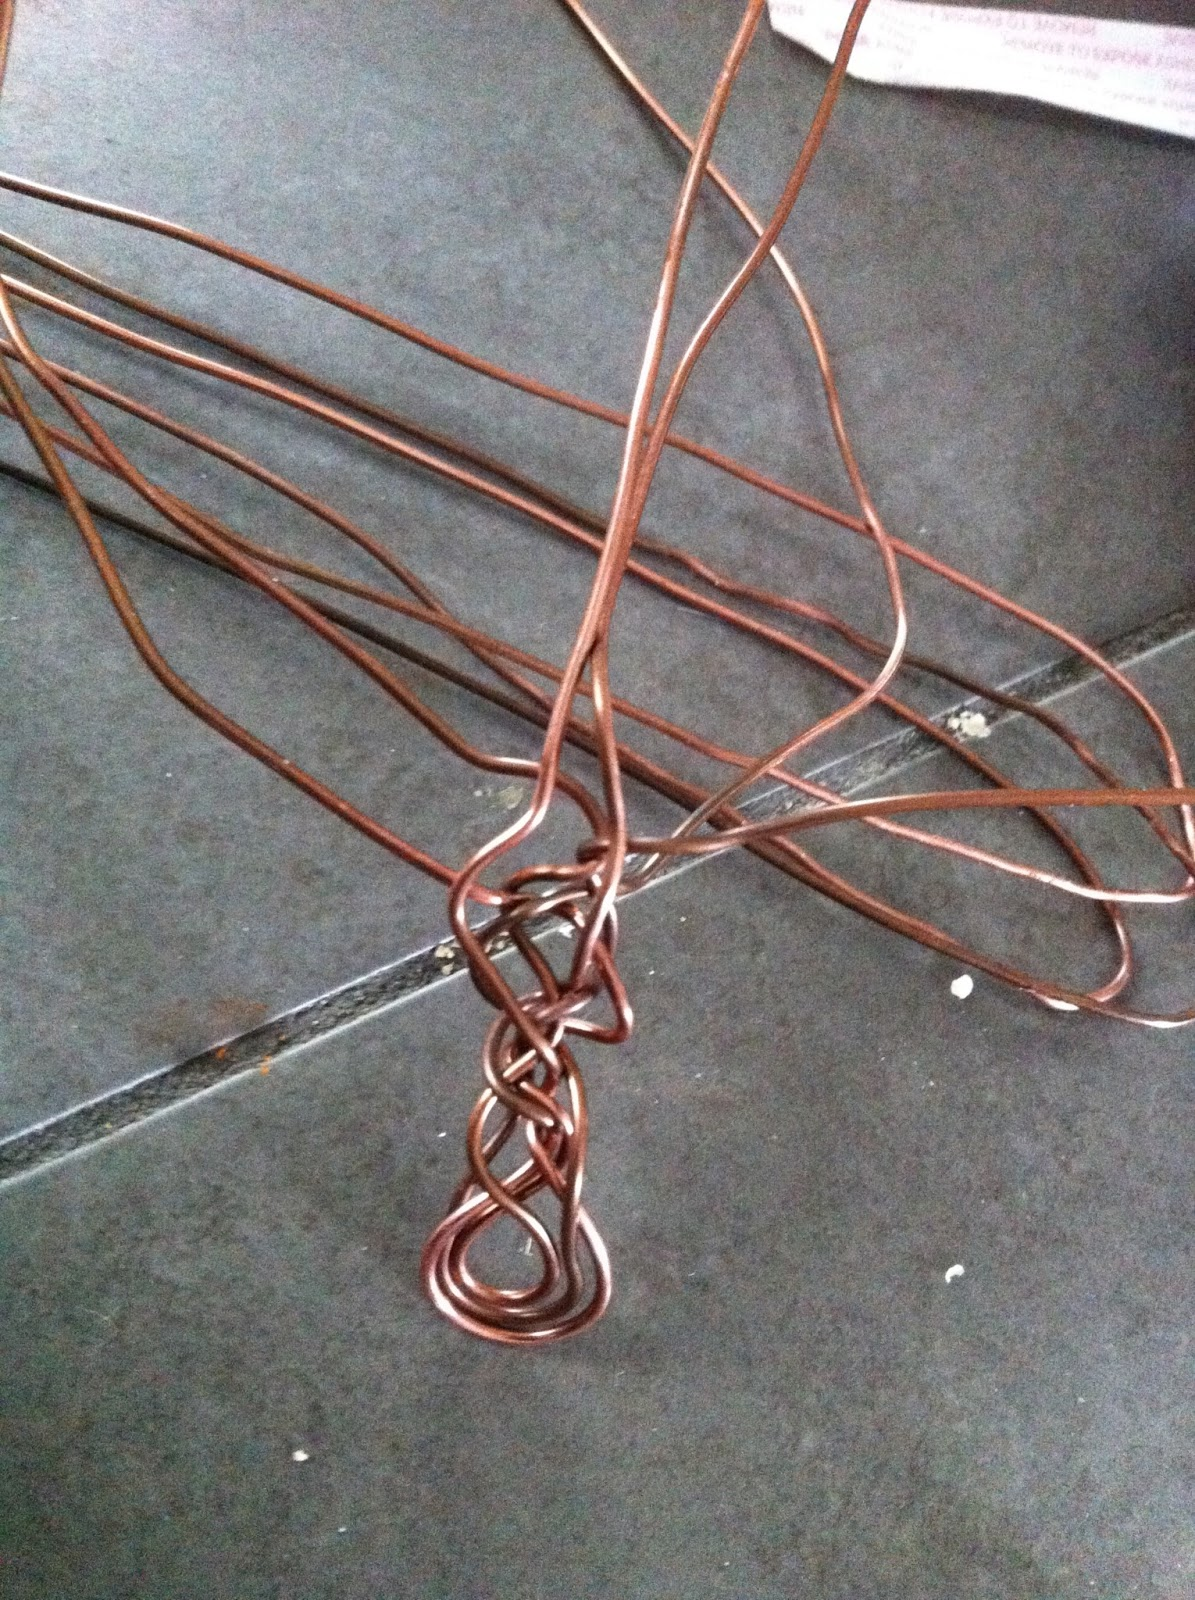 DEBORHREAD.COM: Copper Weave Bracelet - Croc Ridge Wire Weave